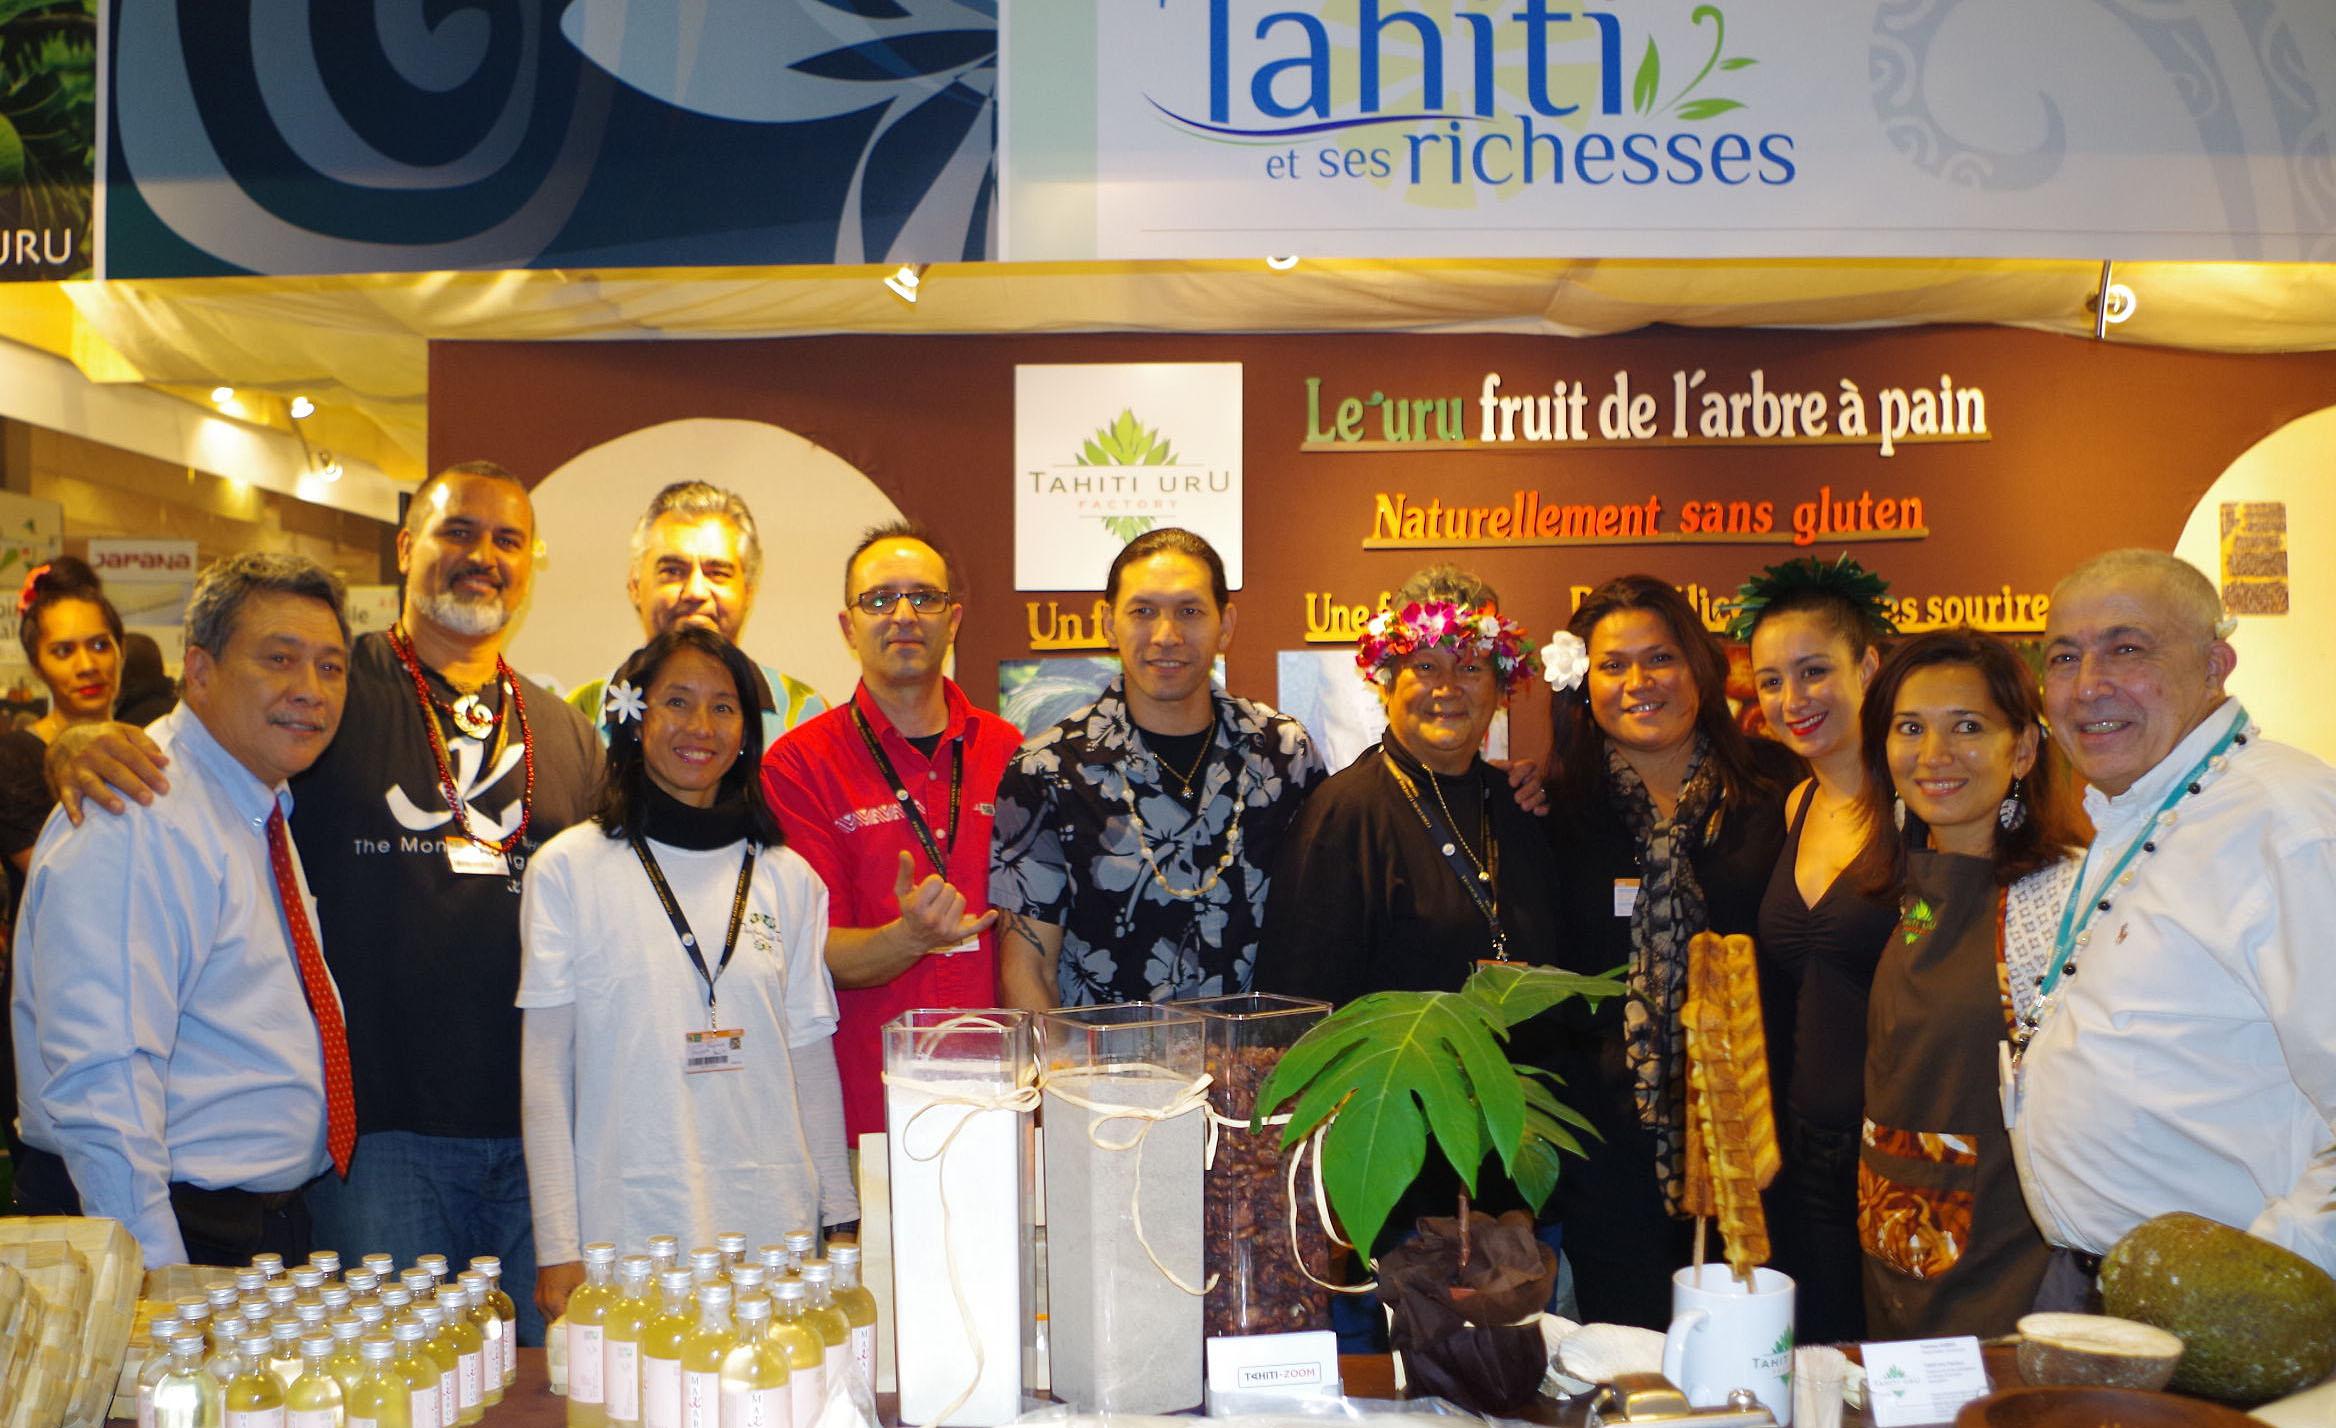 Bilan jugé positif pour la Polynésie française au Salon international de l'Agriculture